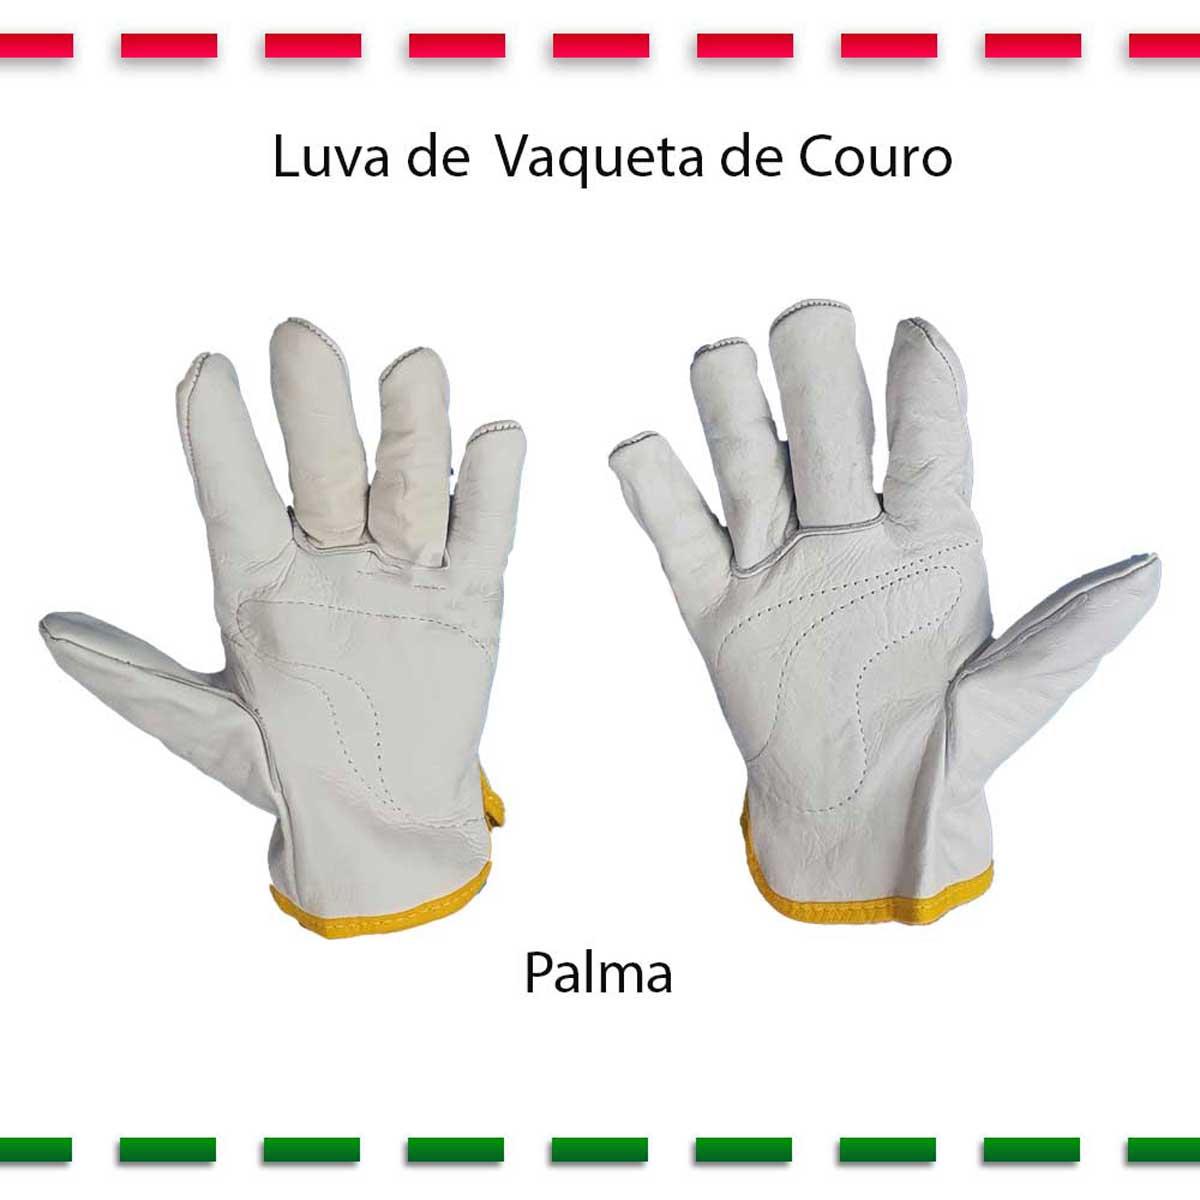 Luva De Vaqueta Cano Curto Kit com 2 Pares  - Pavvia Agulhas e Peças